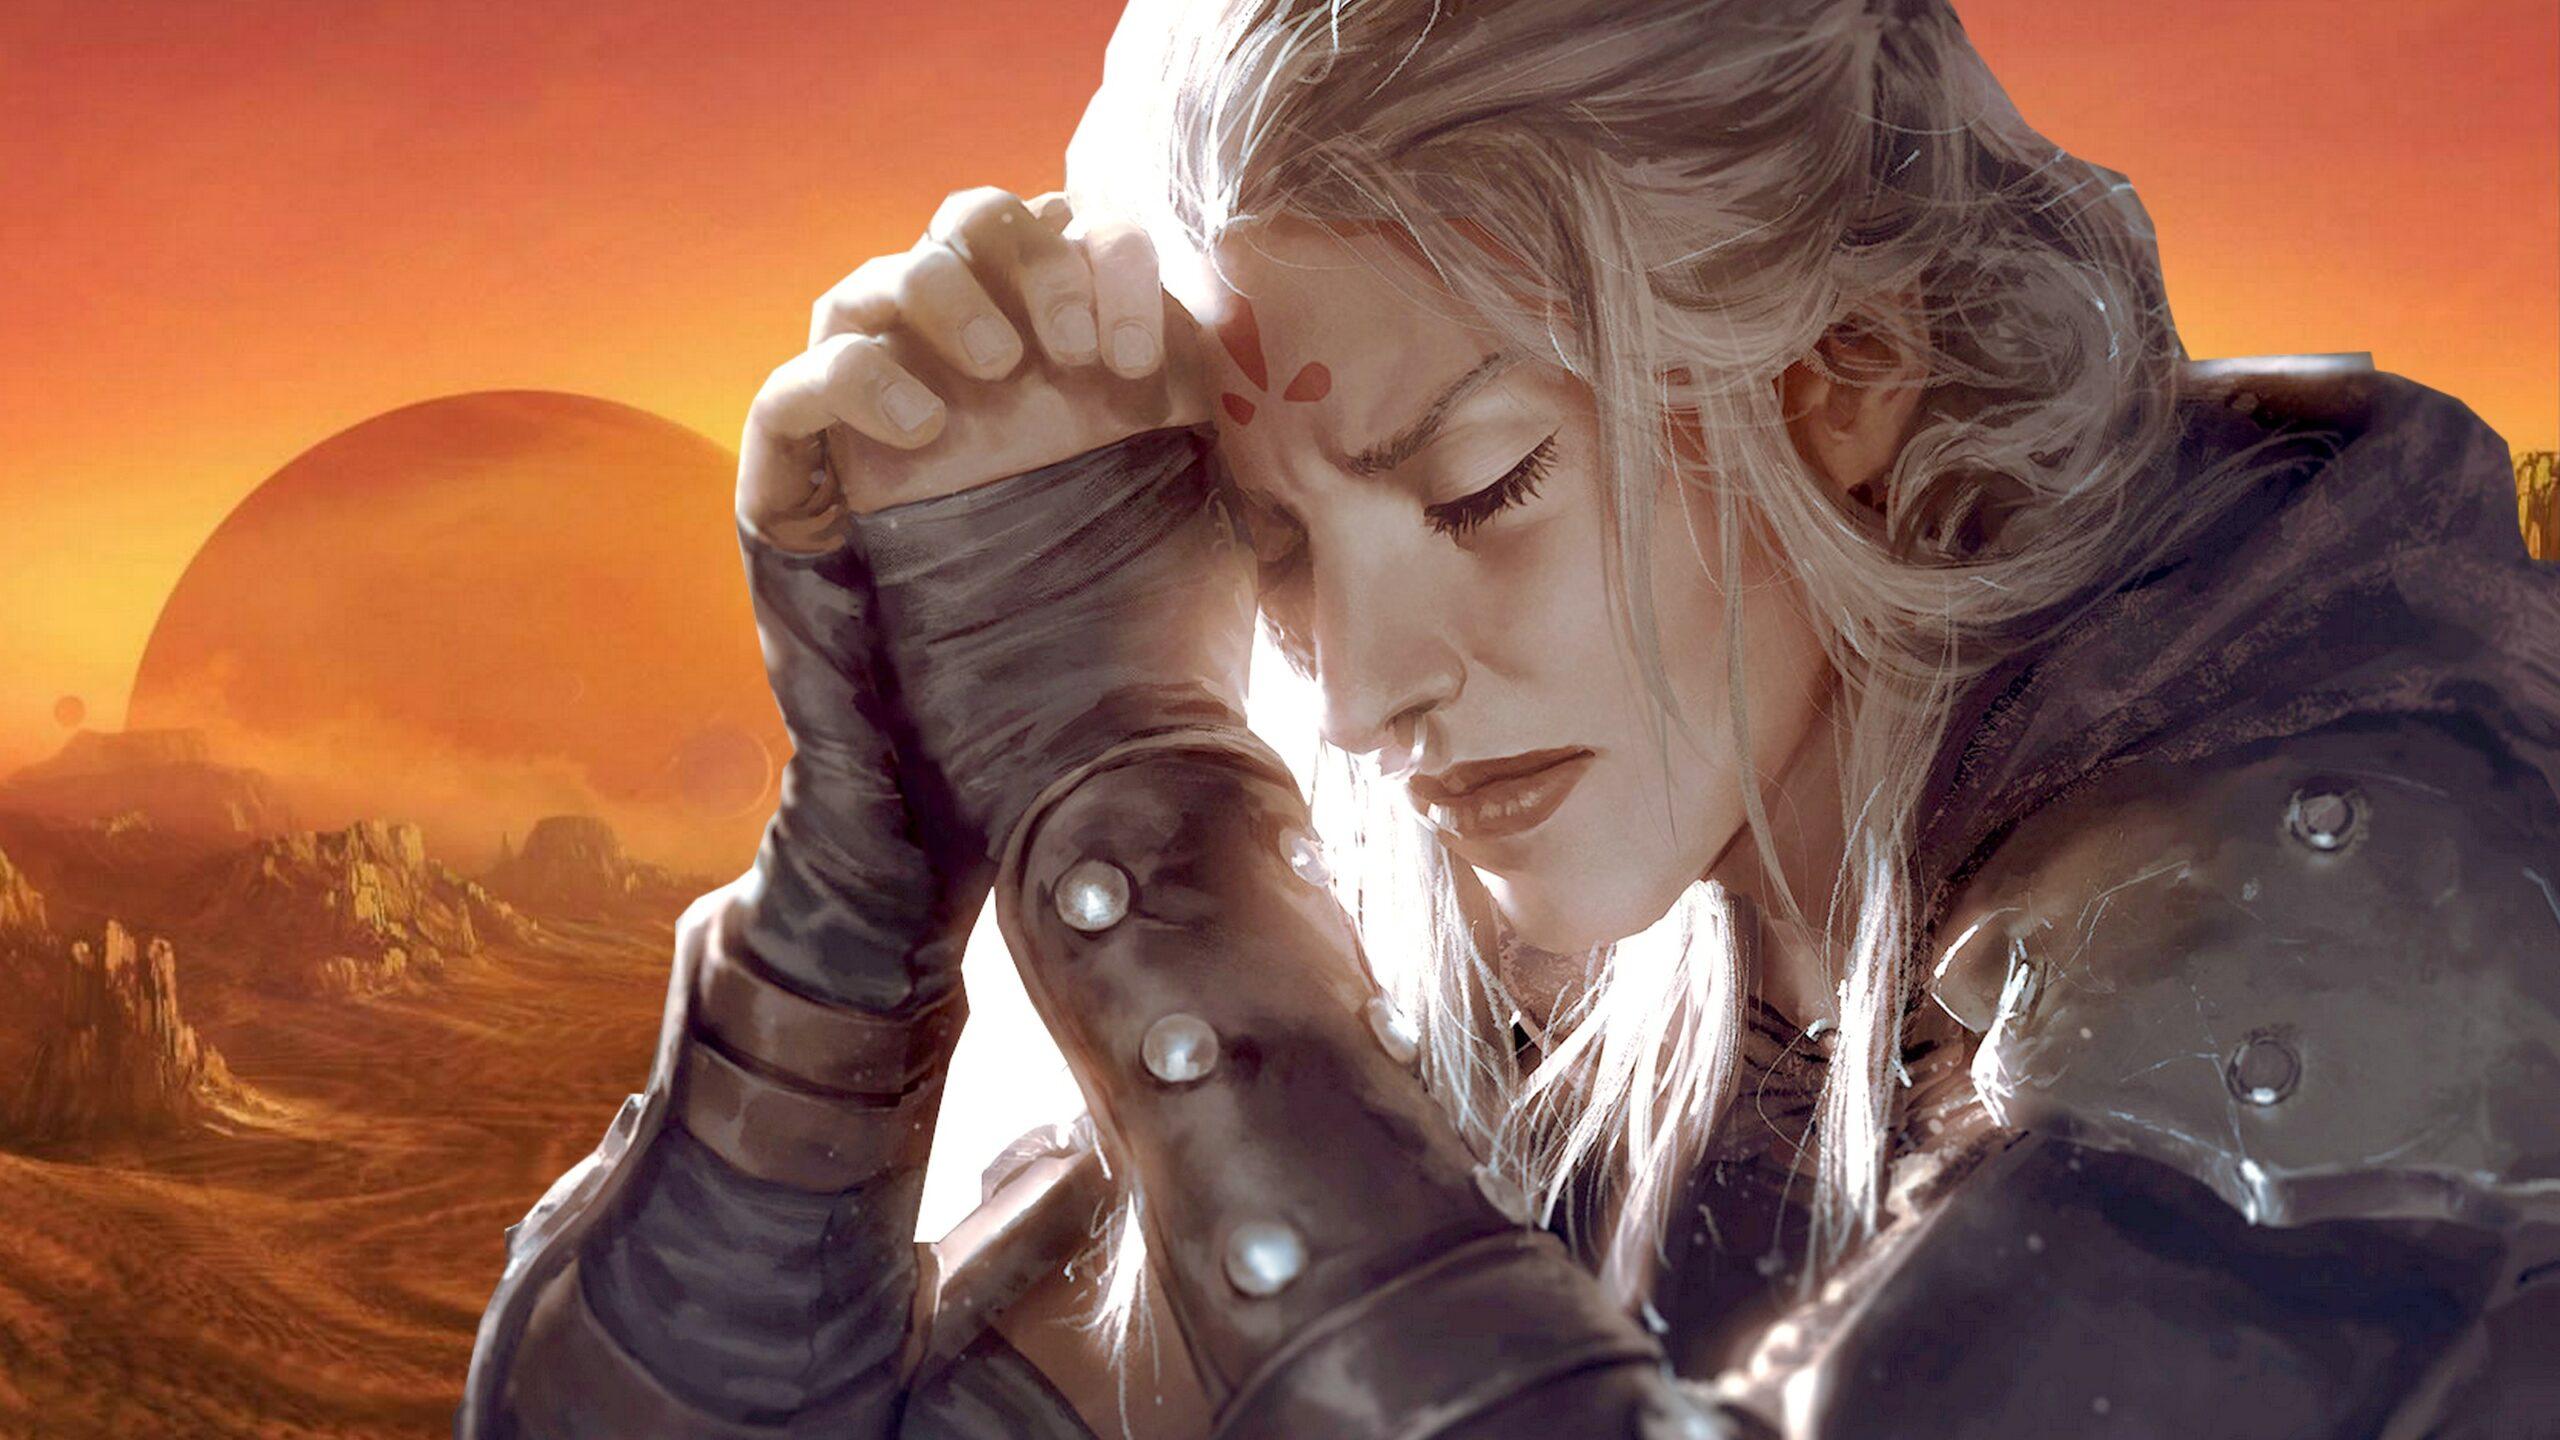 nuit noire de l'âme symptômes dépression 1 doute prière